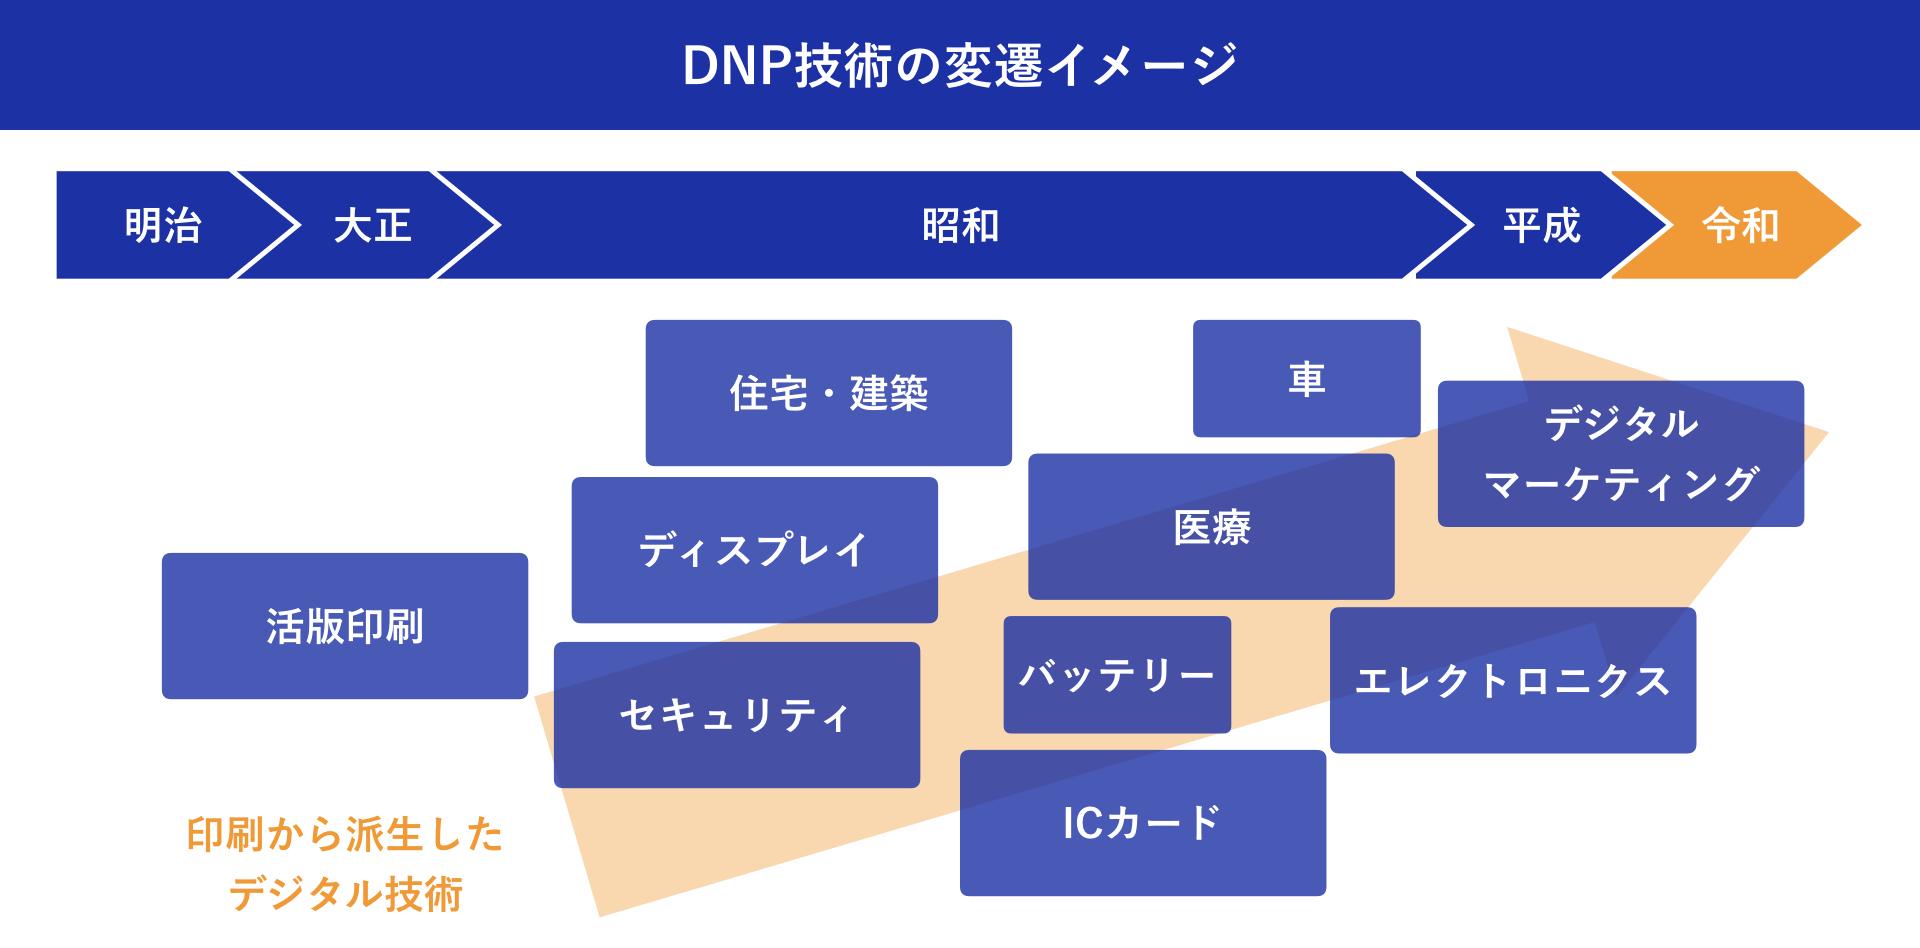 大日本印刷株式会社:加藤 綱貴 DNP技術の変遷イメージ